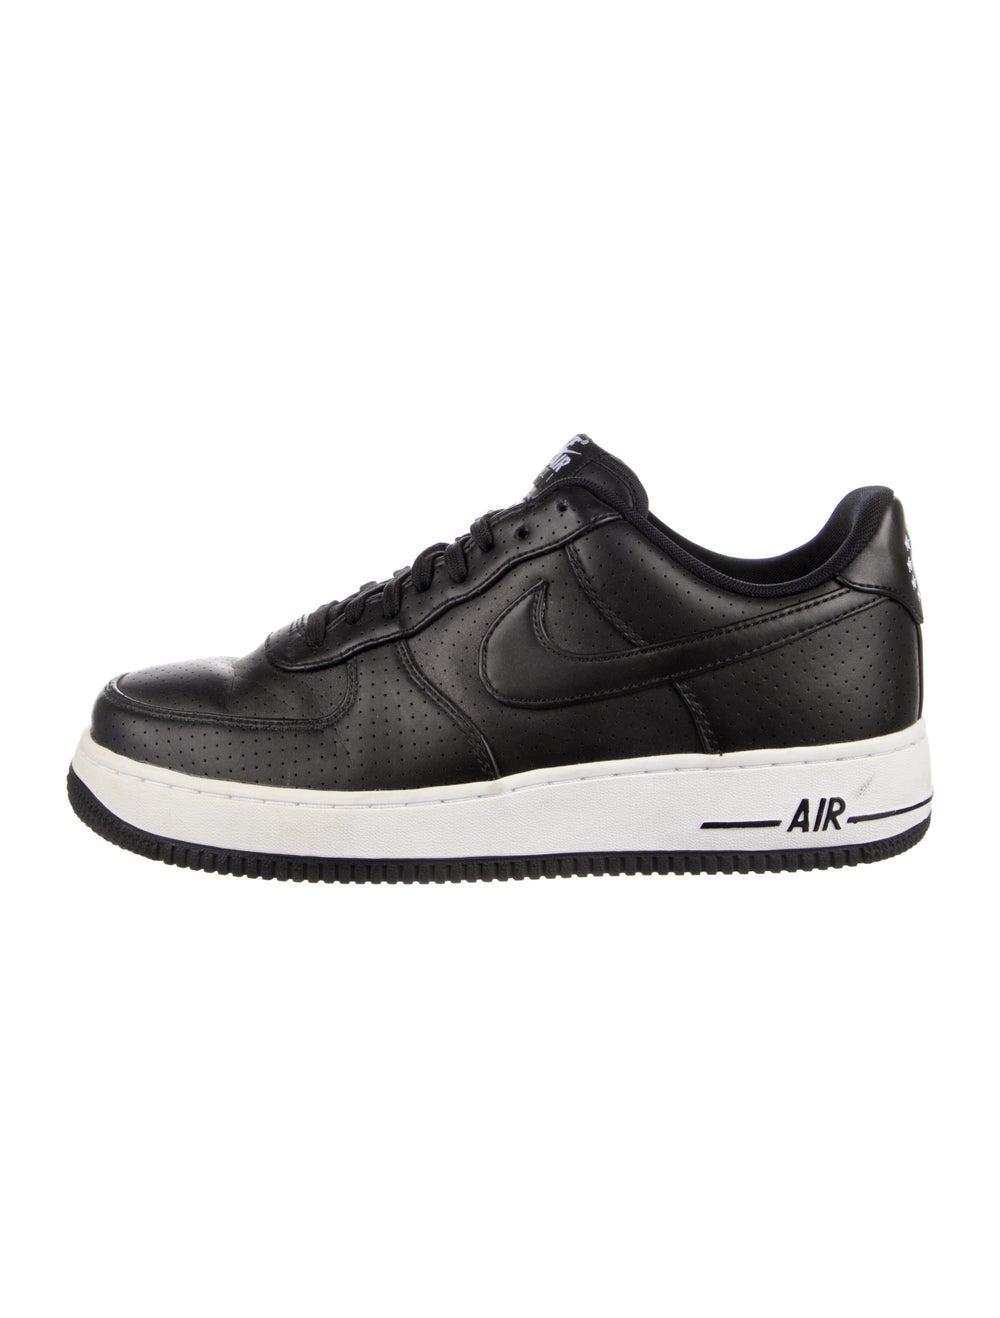 Nike Air Force 1 Low Premium Sneakers Black - image 1